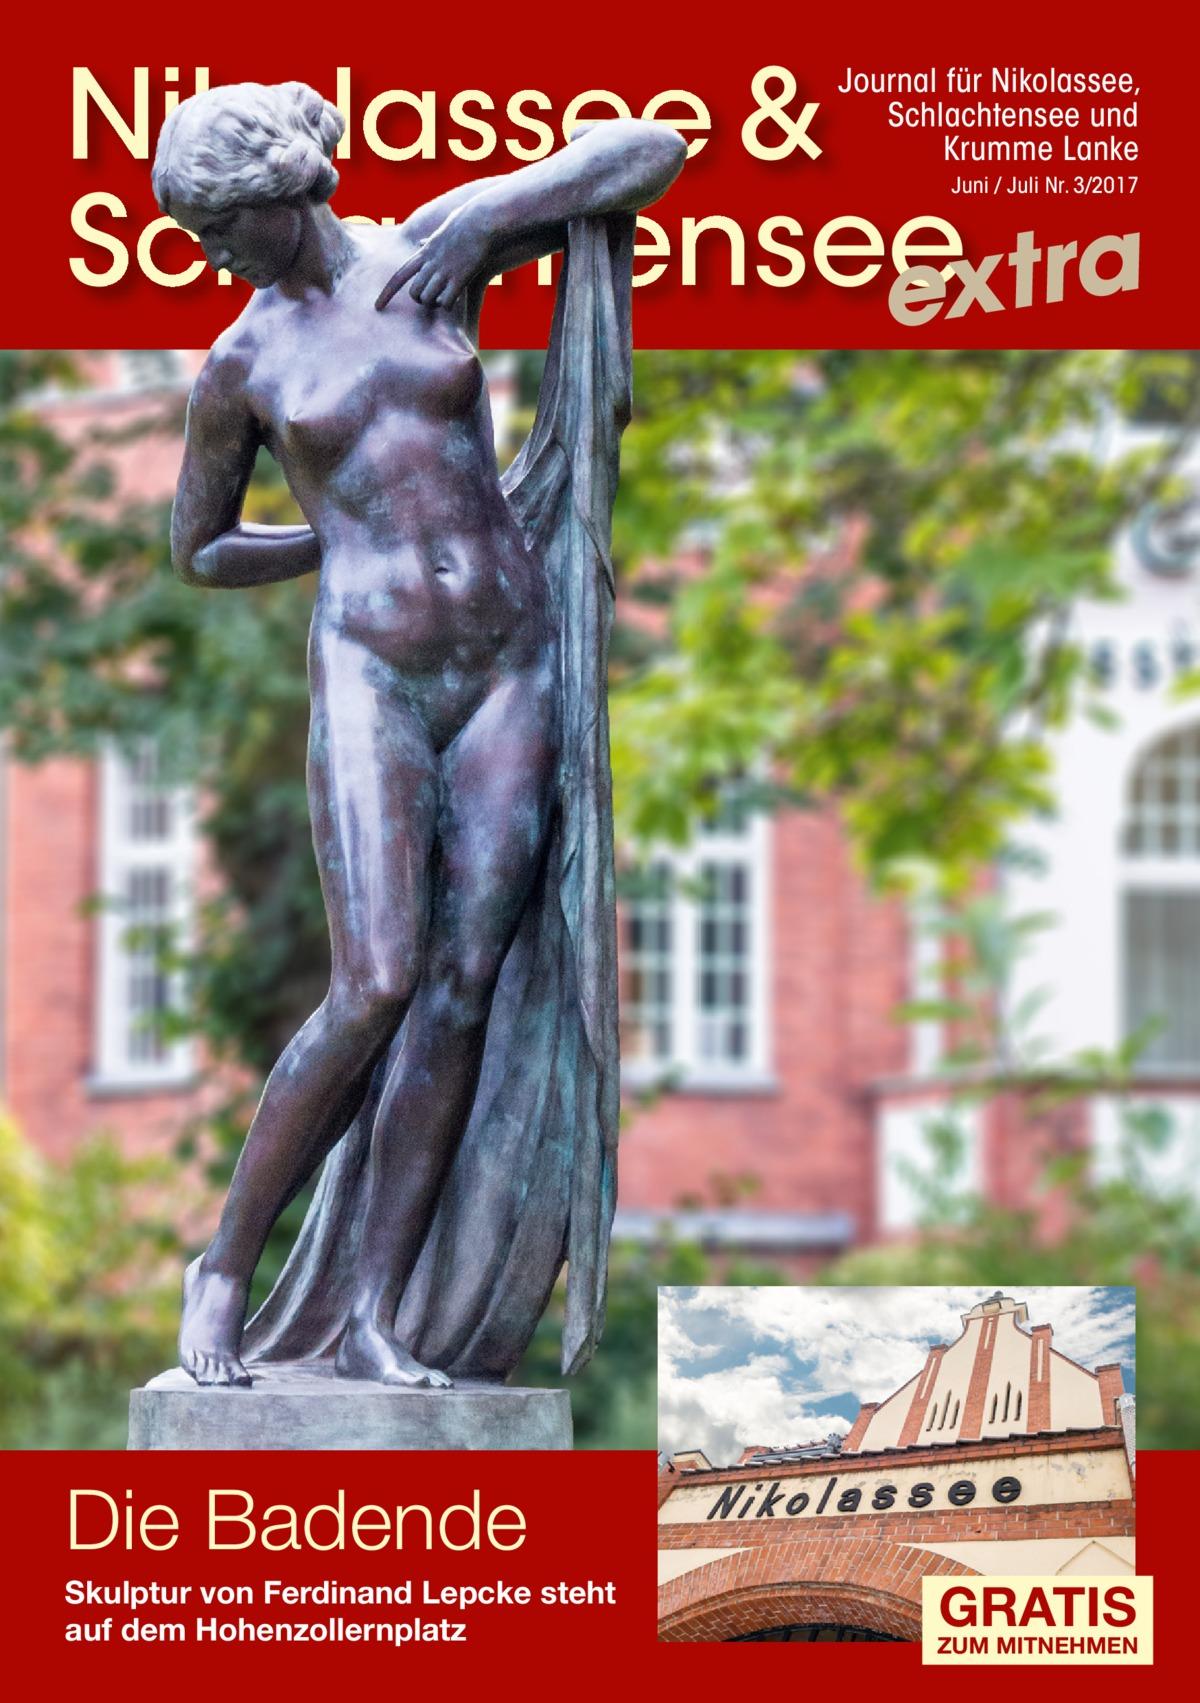 Nikolassee & Schlachtensee extra Journal für Nikolassee, Schlachtensee und Krumme Lanke Juni / Juli Nr. 3/2017  Die Badende Skulptur von Ferdinand Lepcke steht auf dem Hohenzollernplatz  GRATIS  ZUM MITNEHMEN